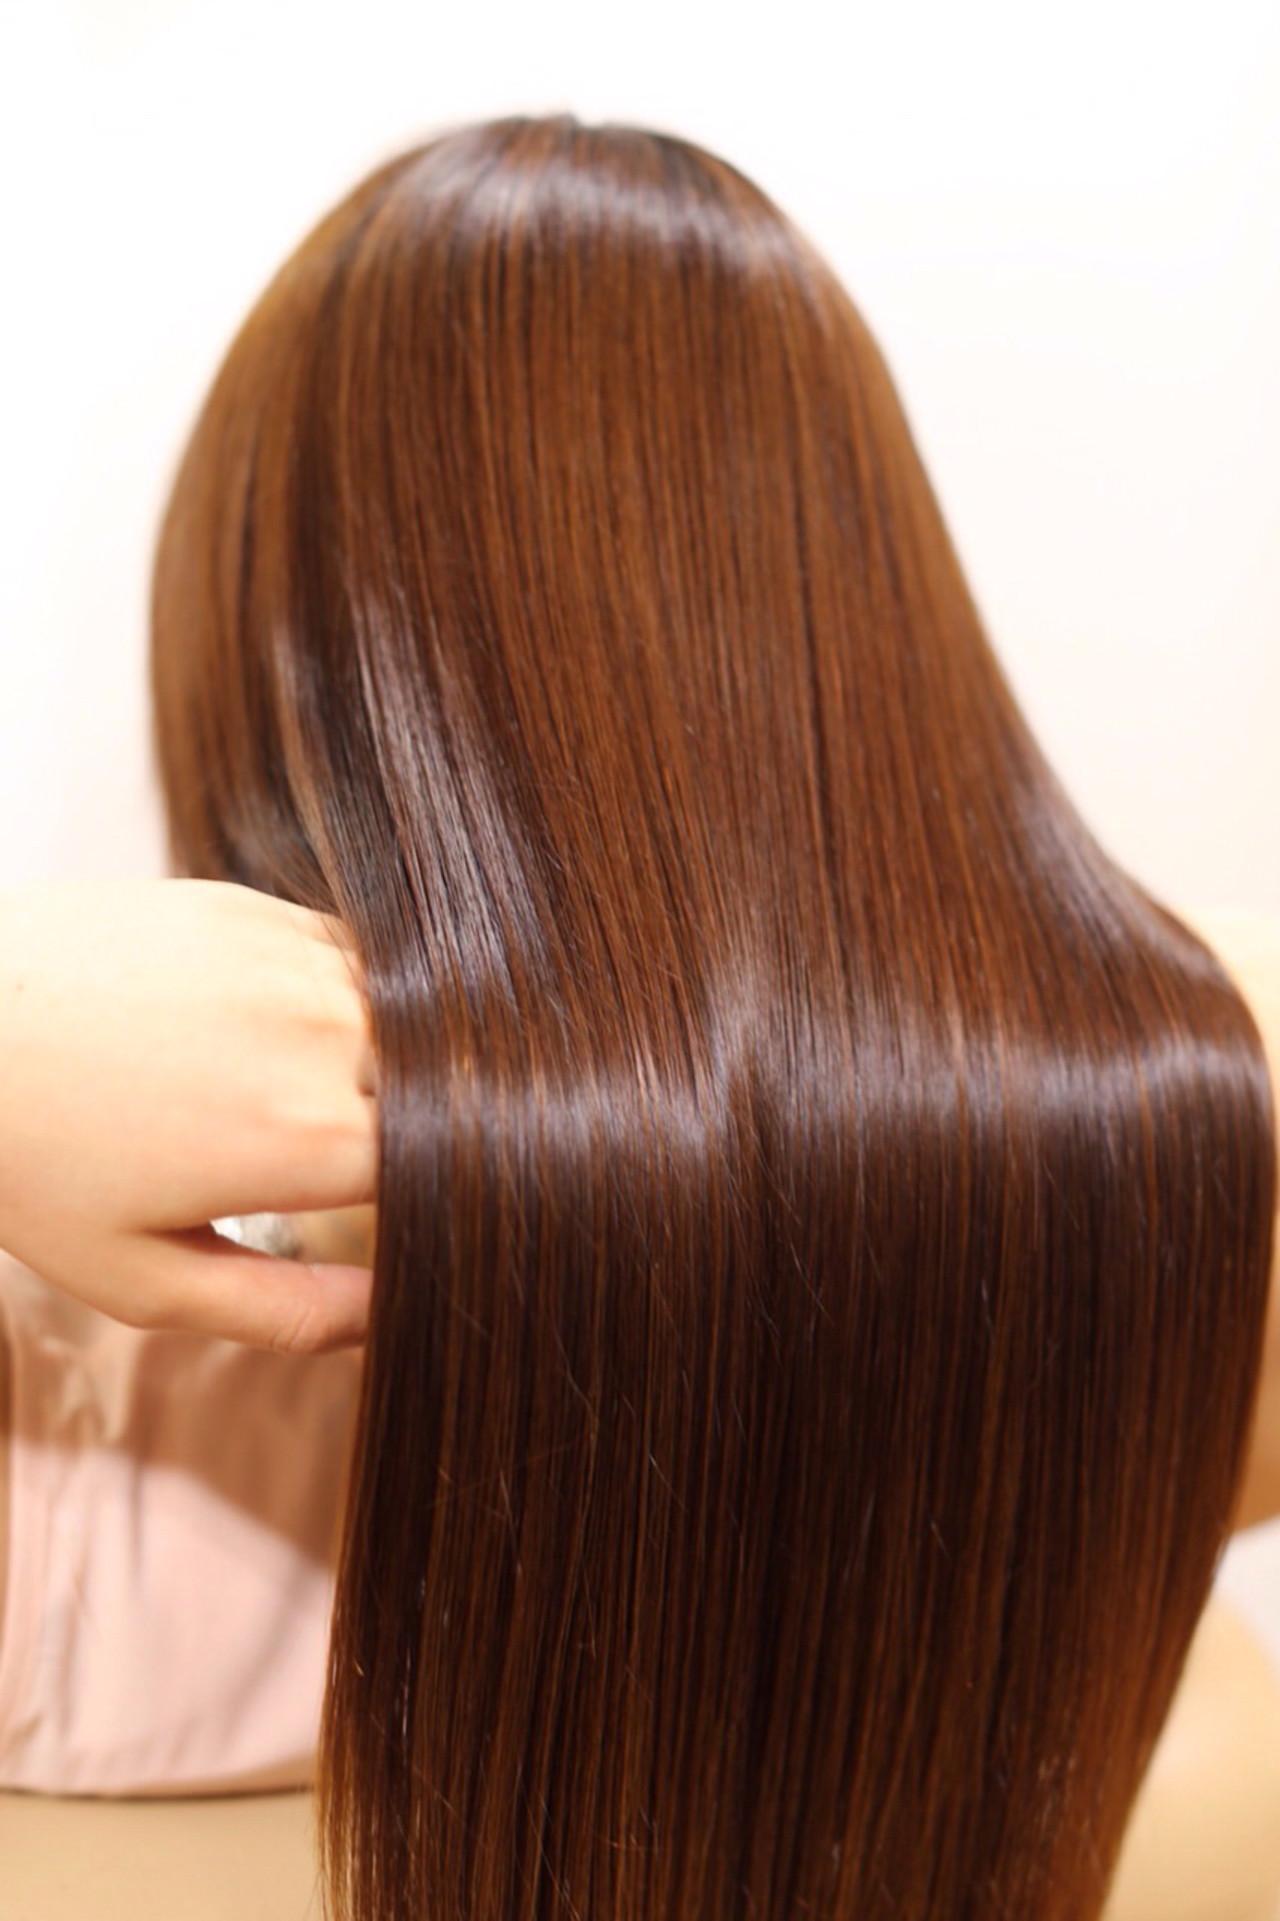 シャンプーはヘアケアの基礎。髪を傷めない正しいシャンプーのやり方  Taku Yokose (Digz hair)